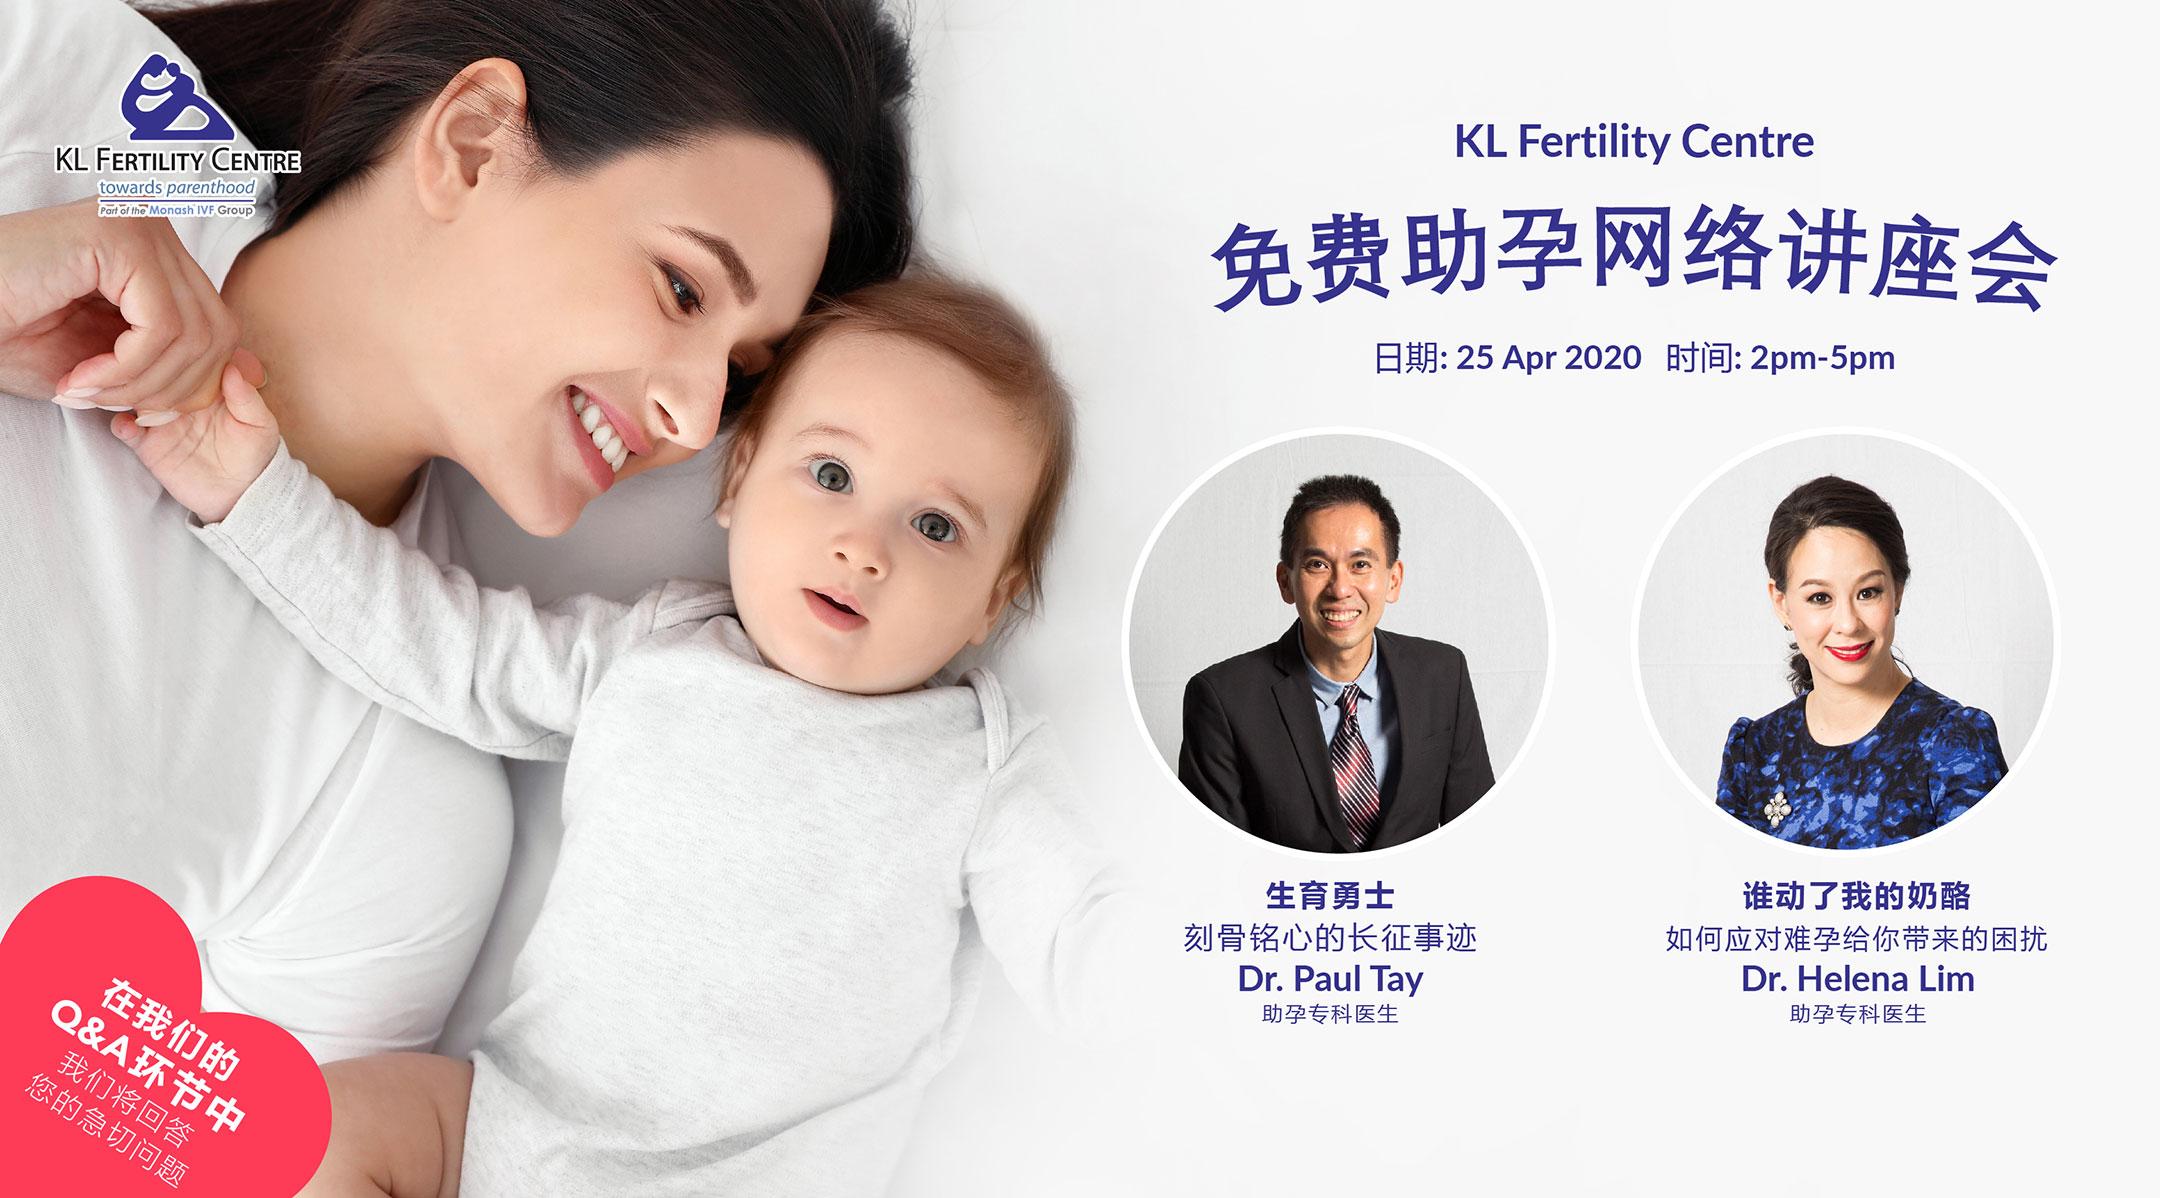 免费助育网络讲座 2020年4月25日 - Dr. Paul Tay 助孕专科医生 和 Dr. Helena 助孕专科医生